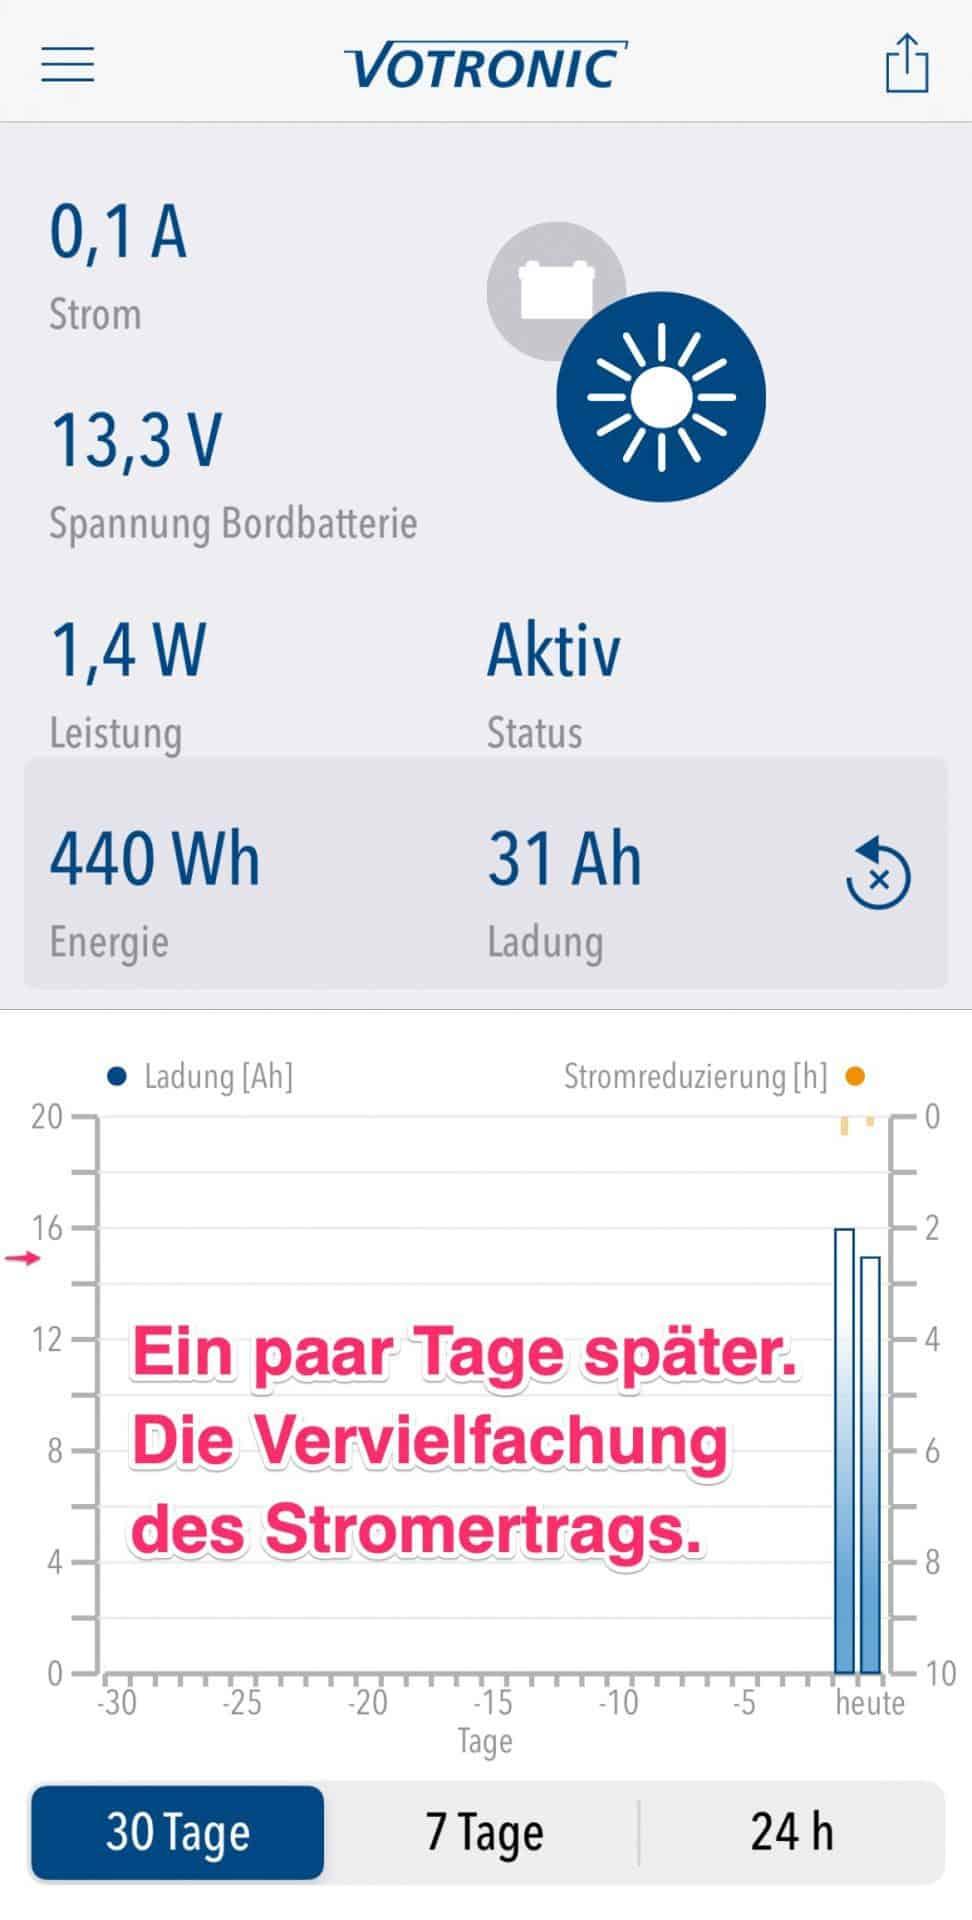 Solaranlage-Wohnmobil-einbauen-erweitern-Votronic-App-Ergebnis